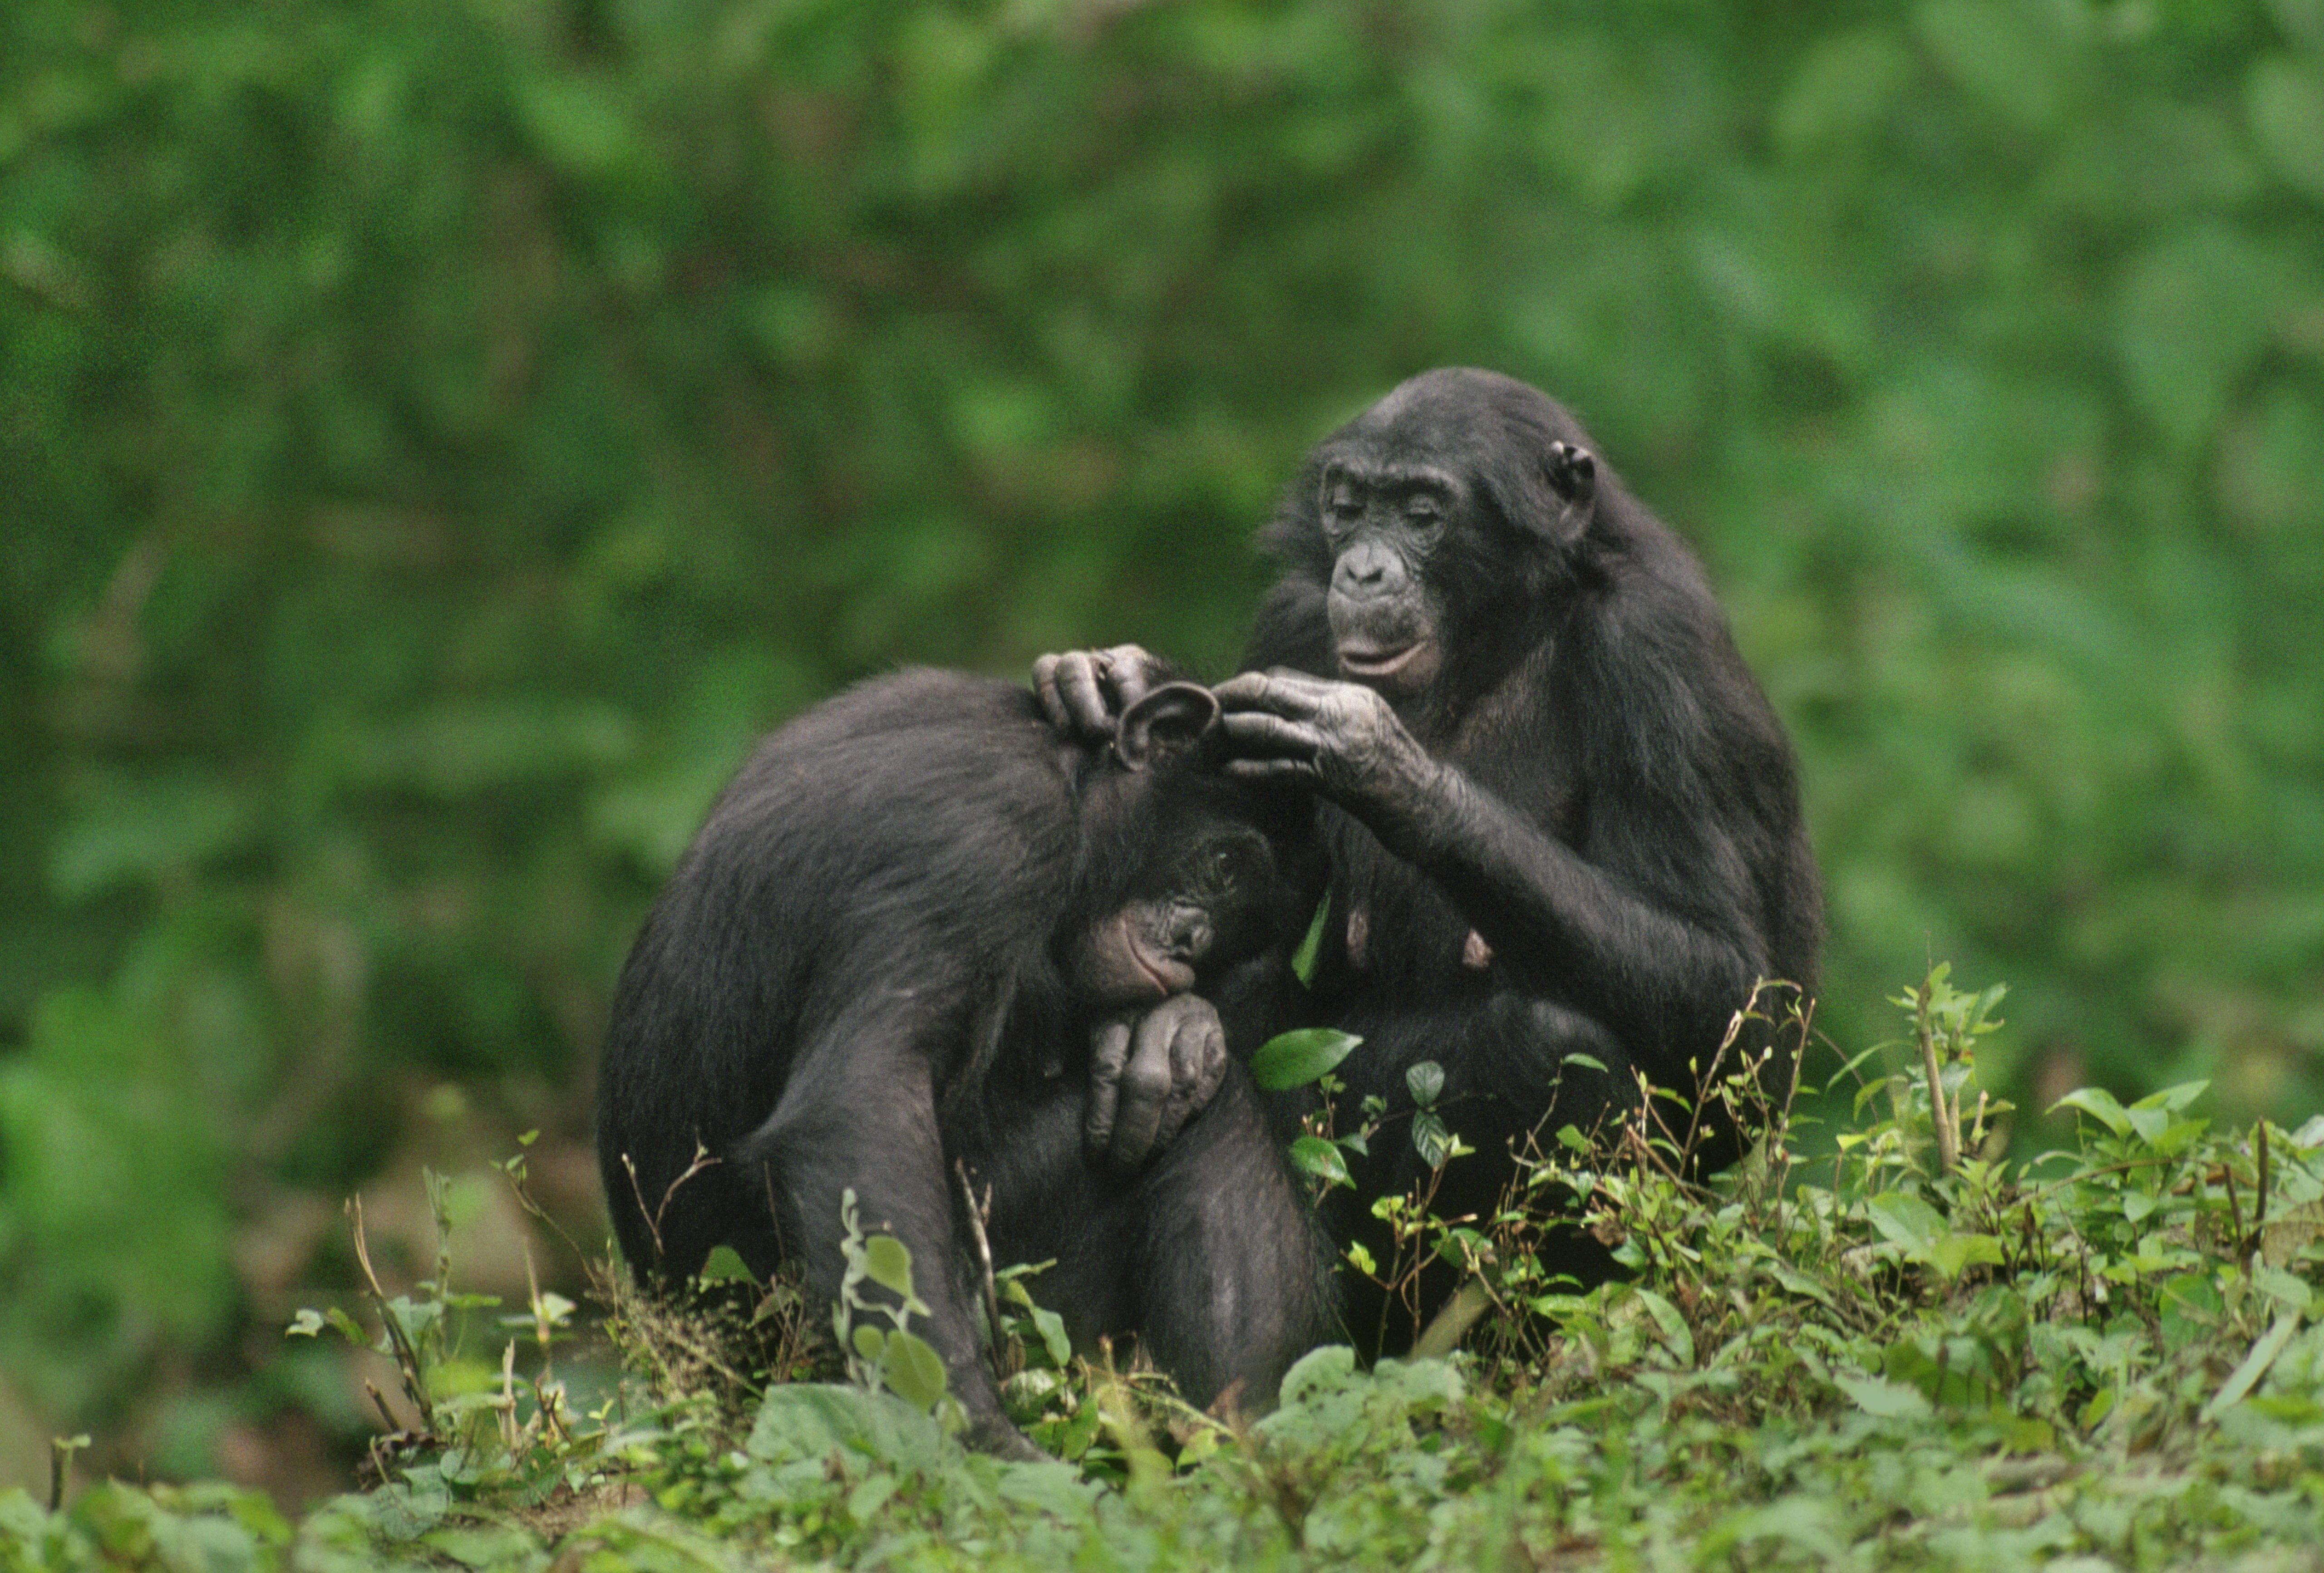 Filmy sex małpy